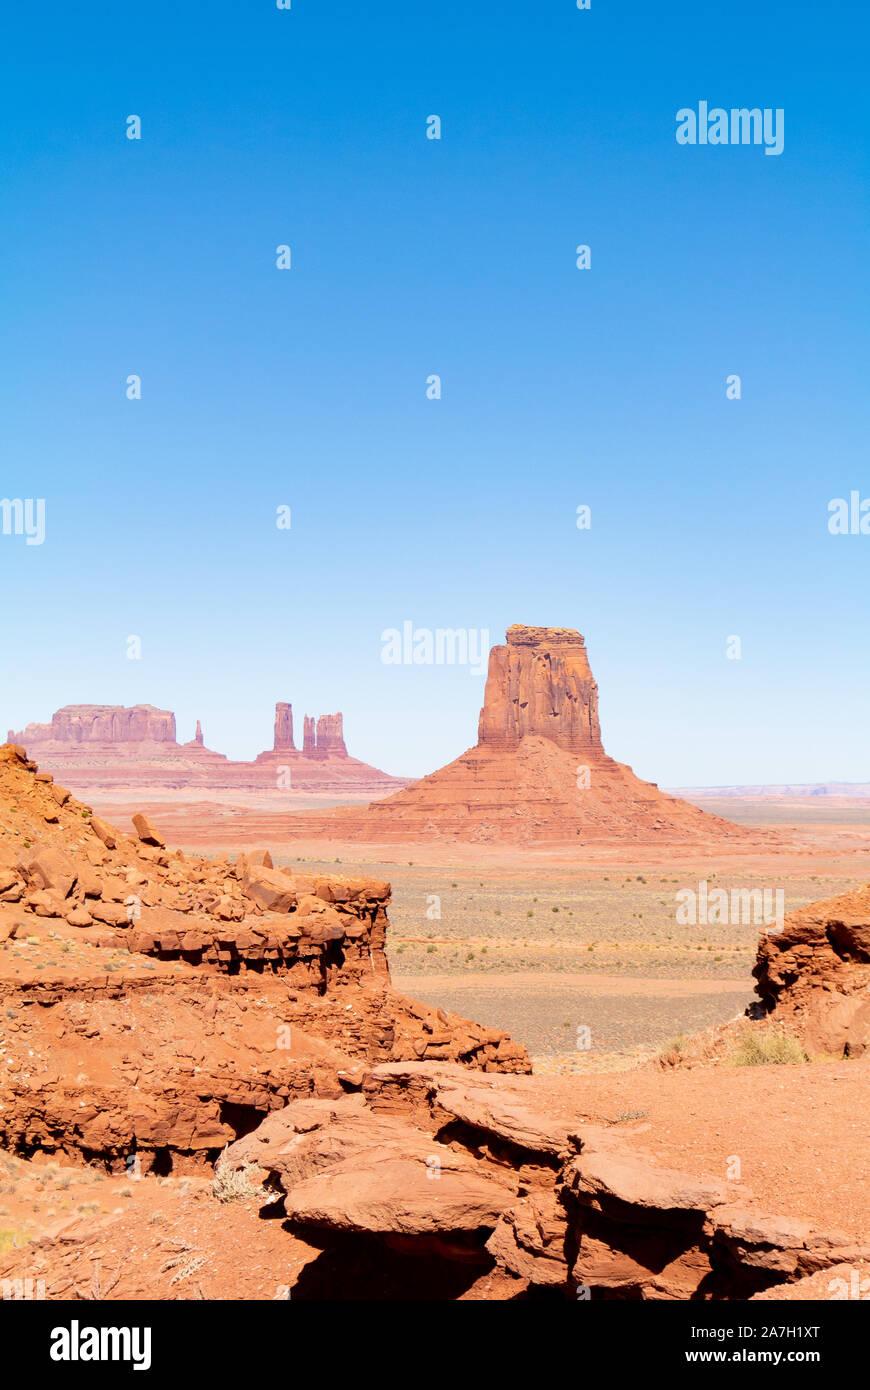 Un paysage avec des buttes de Monument Valley, Utah, United States of America Banque D'Images